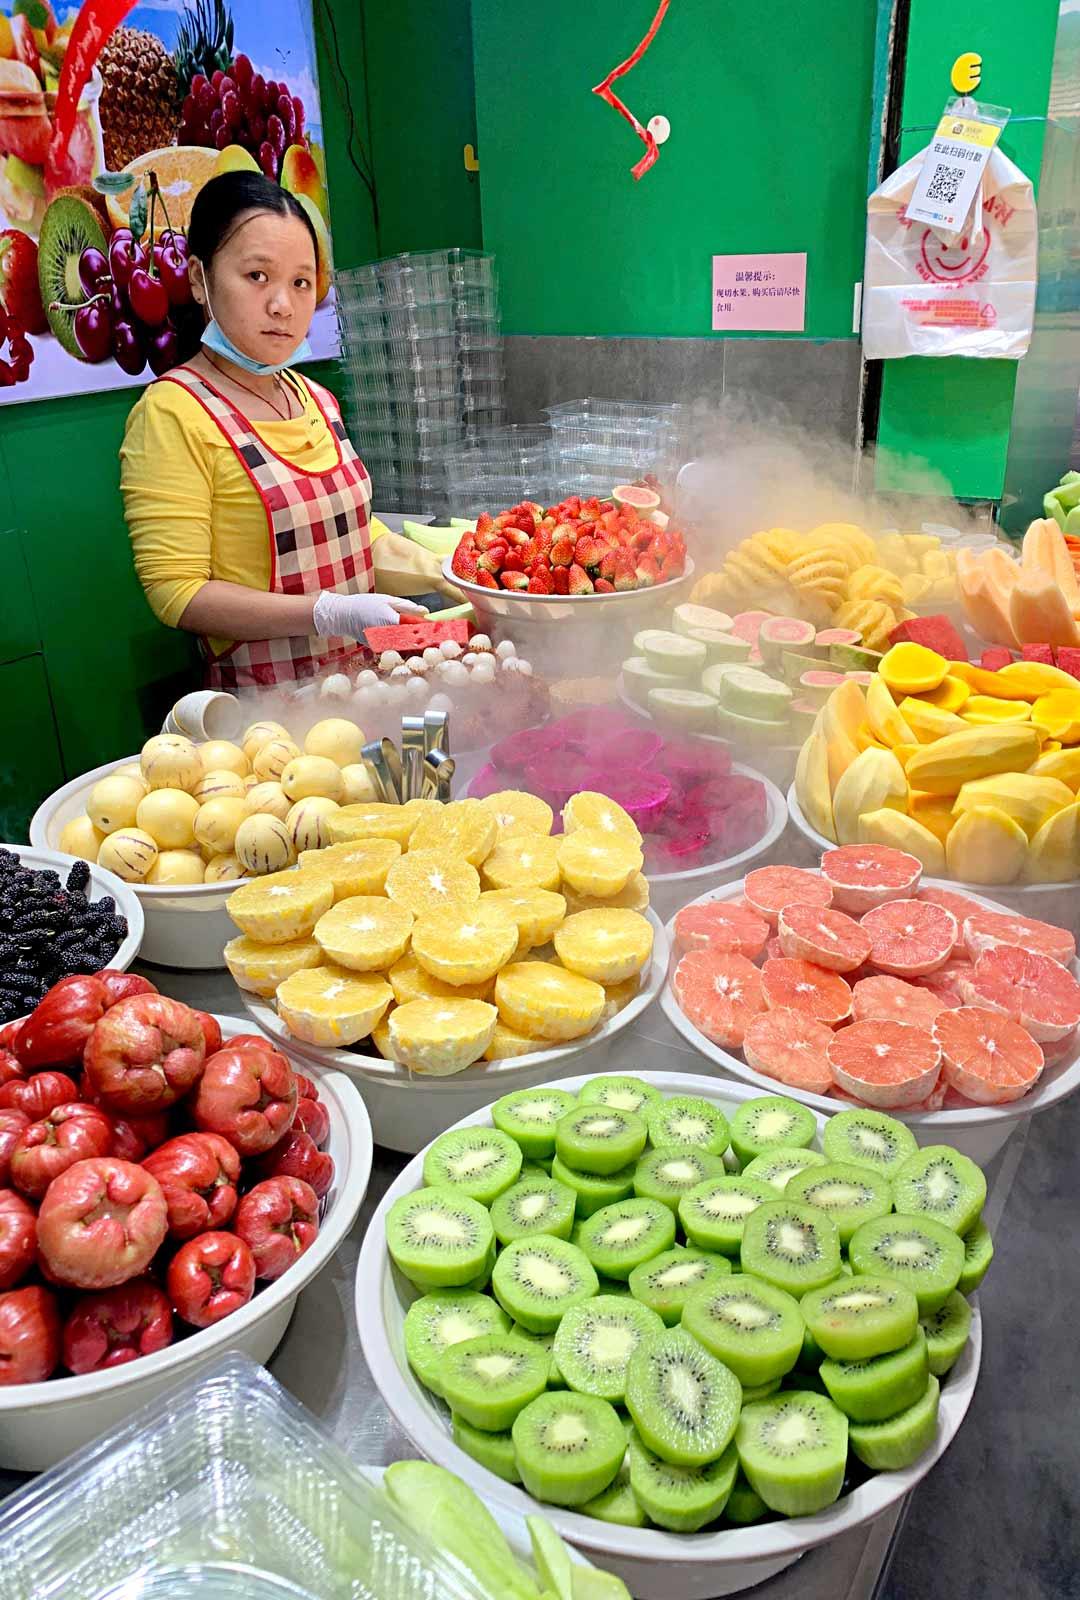 Kiinalaiseen katukeittiöön kuuluvat voimakkaat värit, tuoksut ja maut. Hedelmäkojujen anti on taatusti tuoretta.